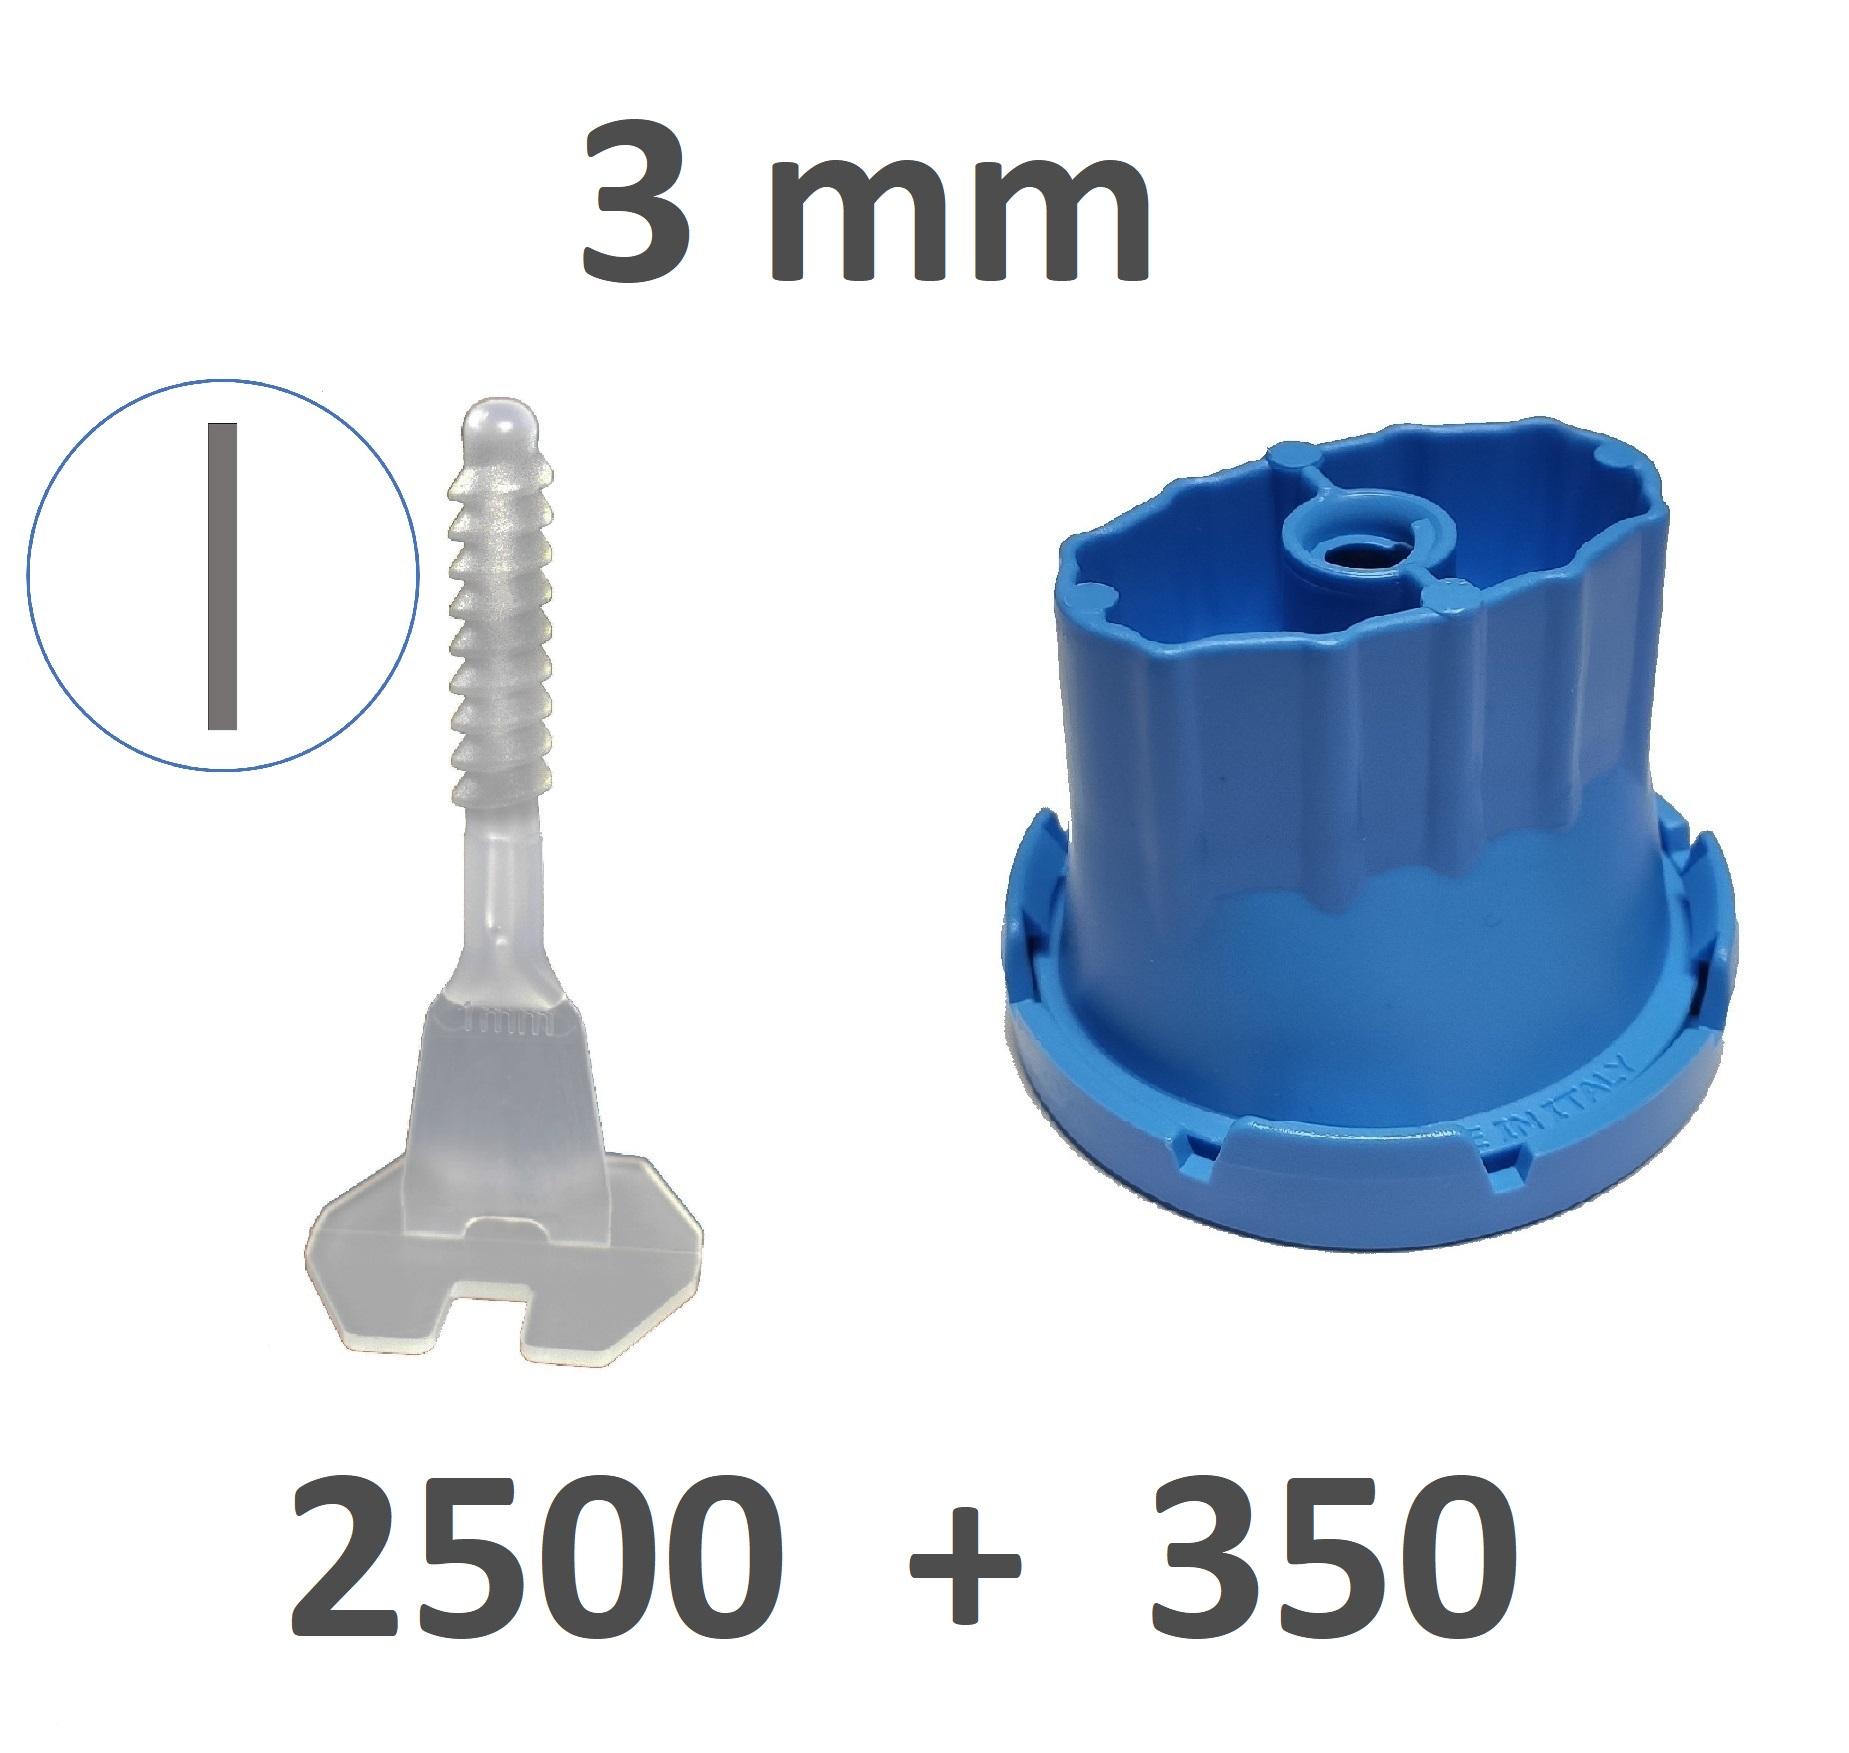 Kit 3mm avec nouveau sabots 2500_350